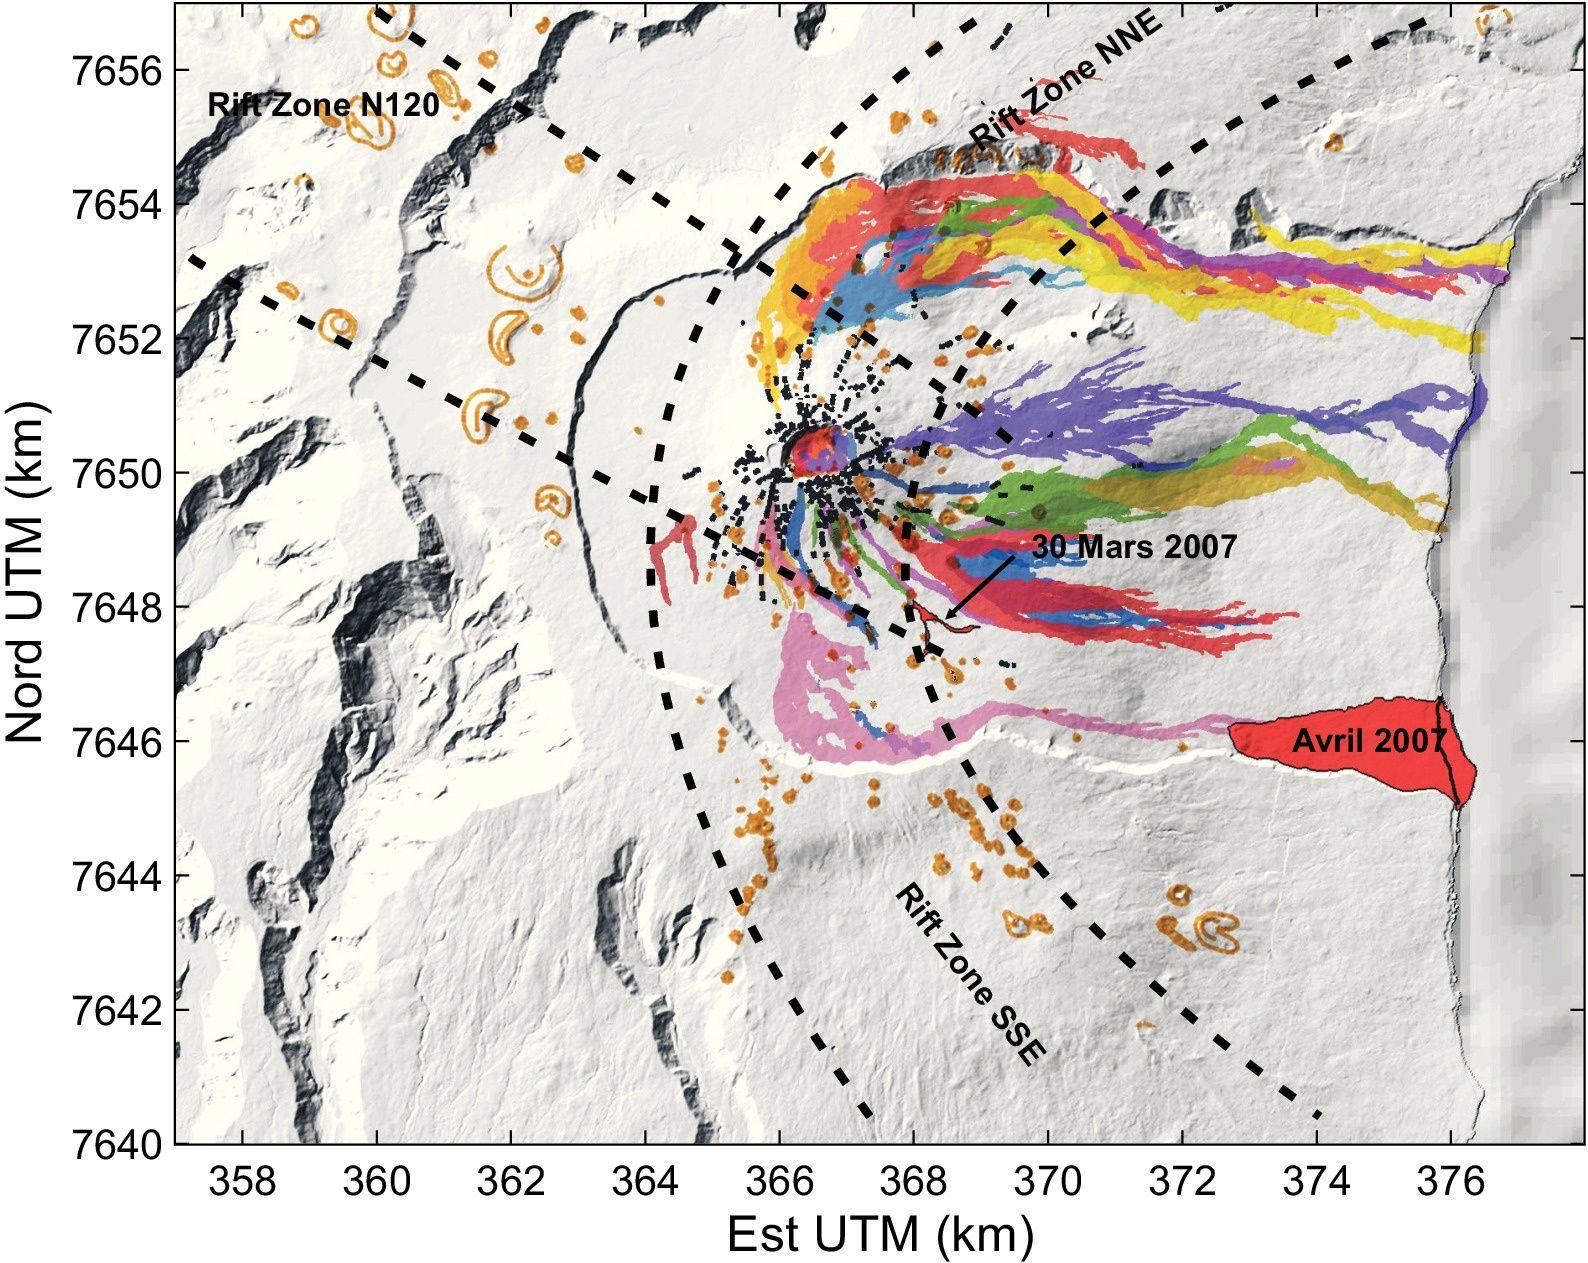 Carte des coulées de lave émises depuis 1998. Les coulées de l'éruption d'avril 2007 ont un contour marqué en noir. La ligne de rivage avant l'éruption d'avril 2007 est marquée en noir. Les cônes de scories sont indiqués en marron, les fissures éruptives en noir (d'après A.Peltier (2007)